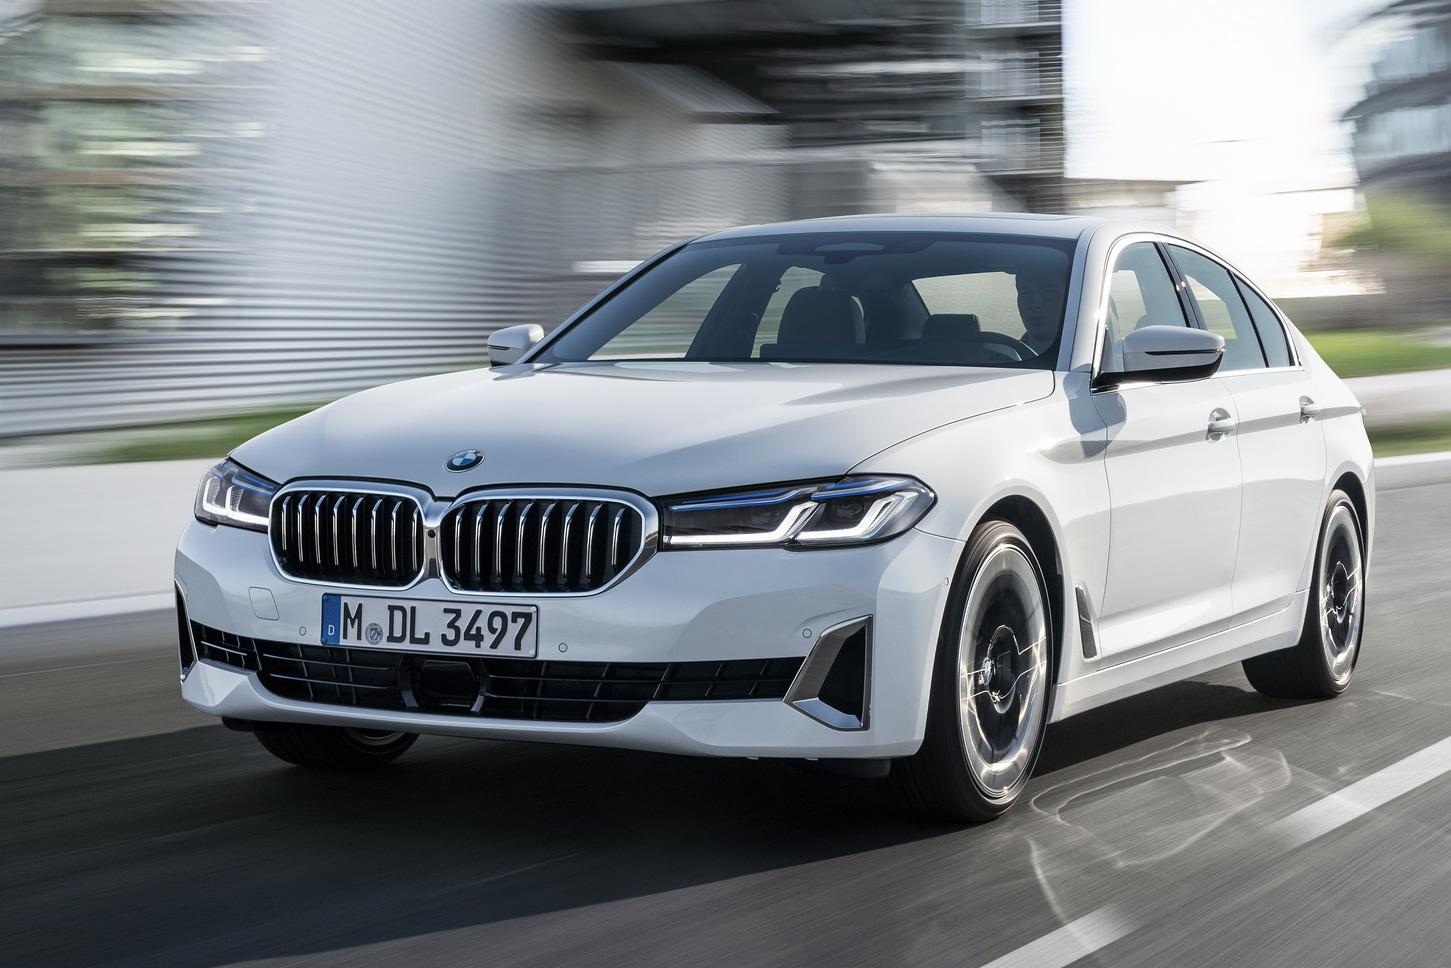 Ra mắt BMW 5-Series 2021: Không có lỗ mũi khổng lồ, thêm công nghệ mới, đáp trả Mercedes-Benz E-Class 2020